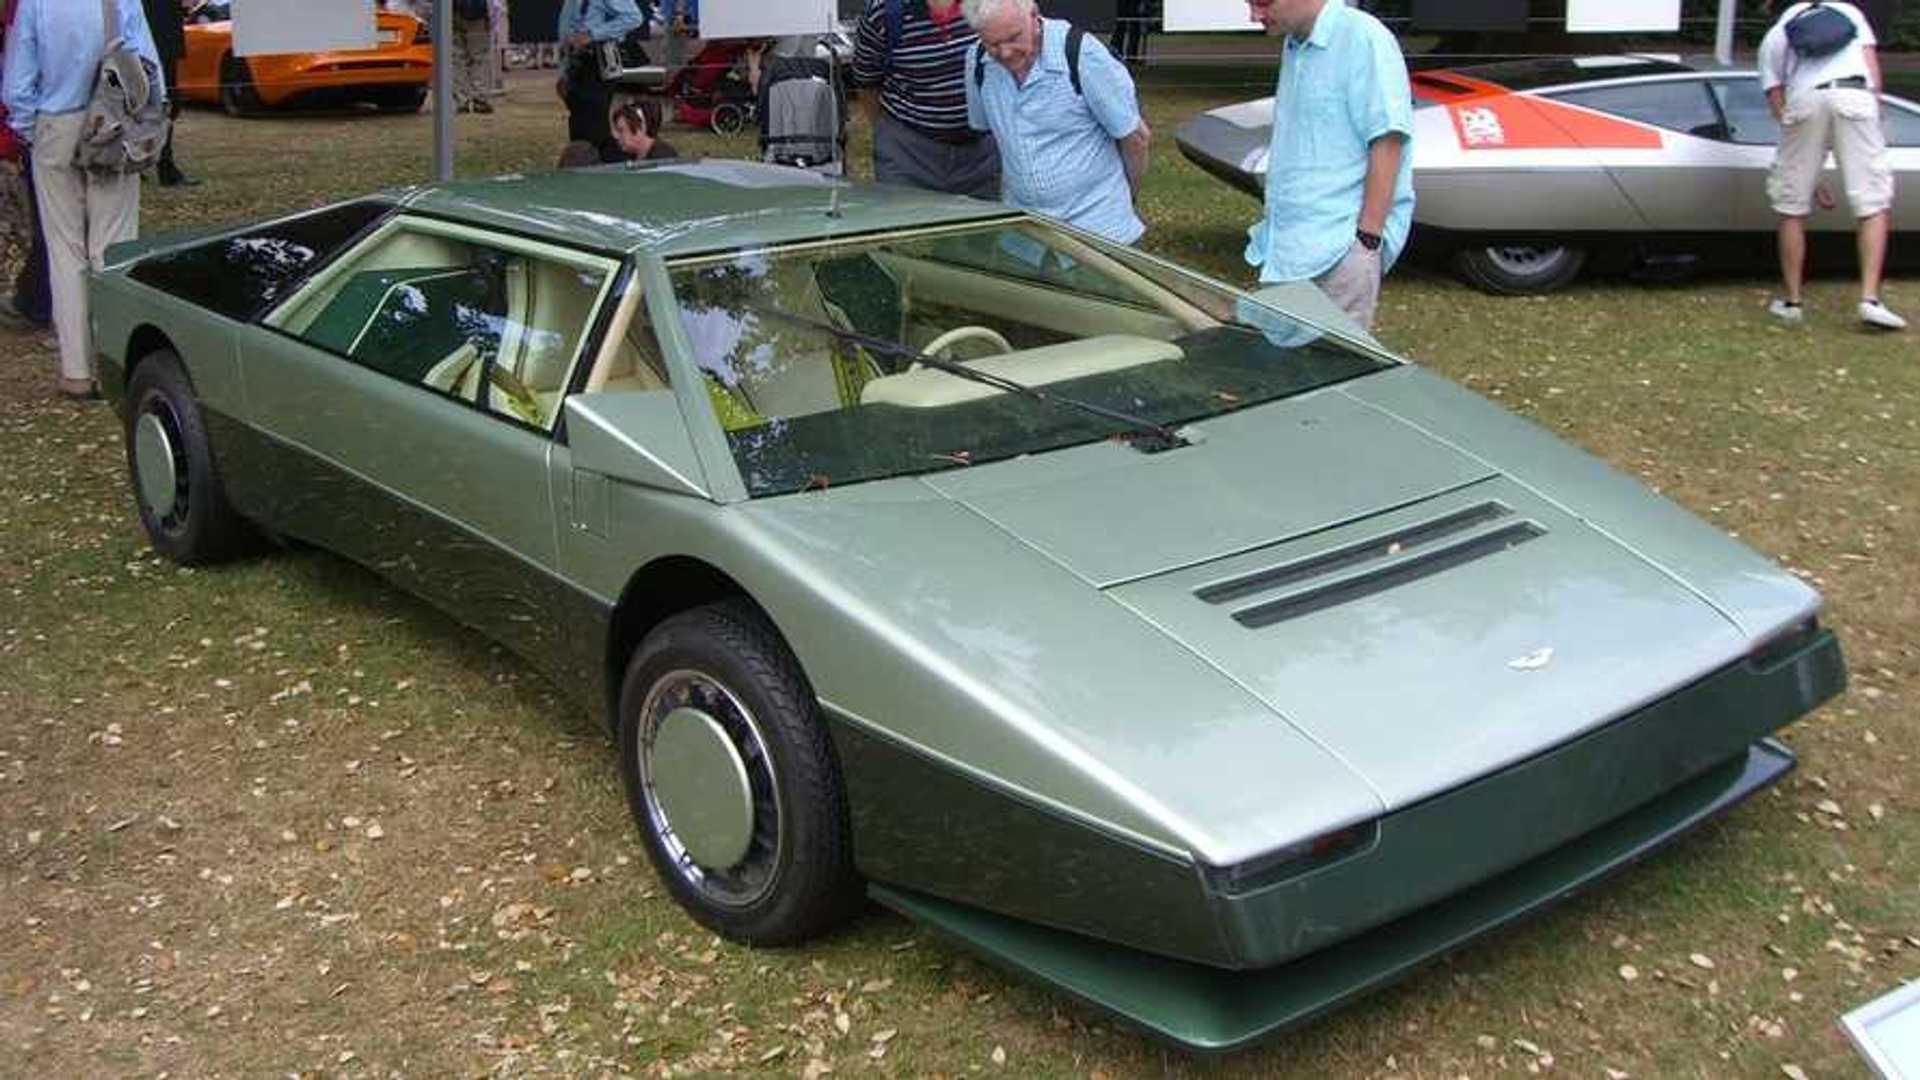 Автомобиль Aston Martin Bulldog 1980-го года в единственном экземпляре пытается преодолеть барьер на скорости 200 миль в час